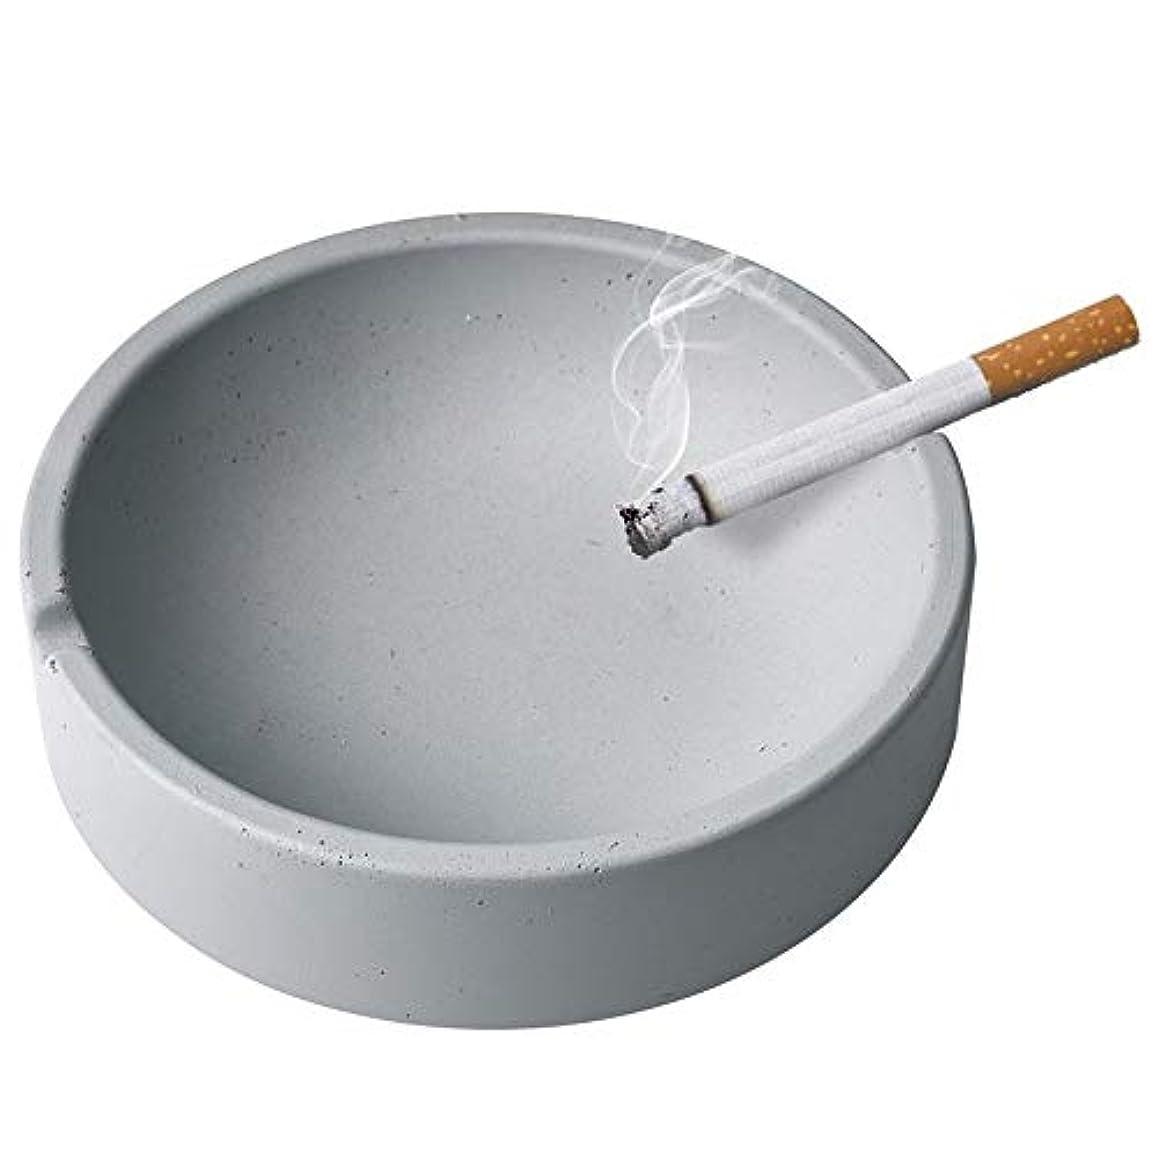 評価抑止する赤道家庭用産業風コンクリート灰皿、パーソナライズ屋外灰皿、多人数使用シーンリビングルームオフィスレストラン灰皿装飾 (Size : L)